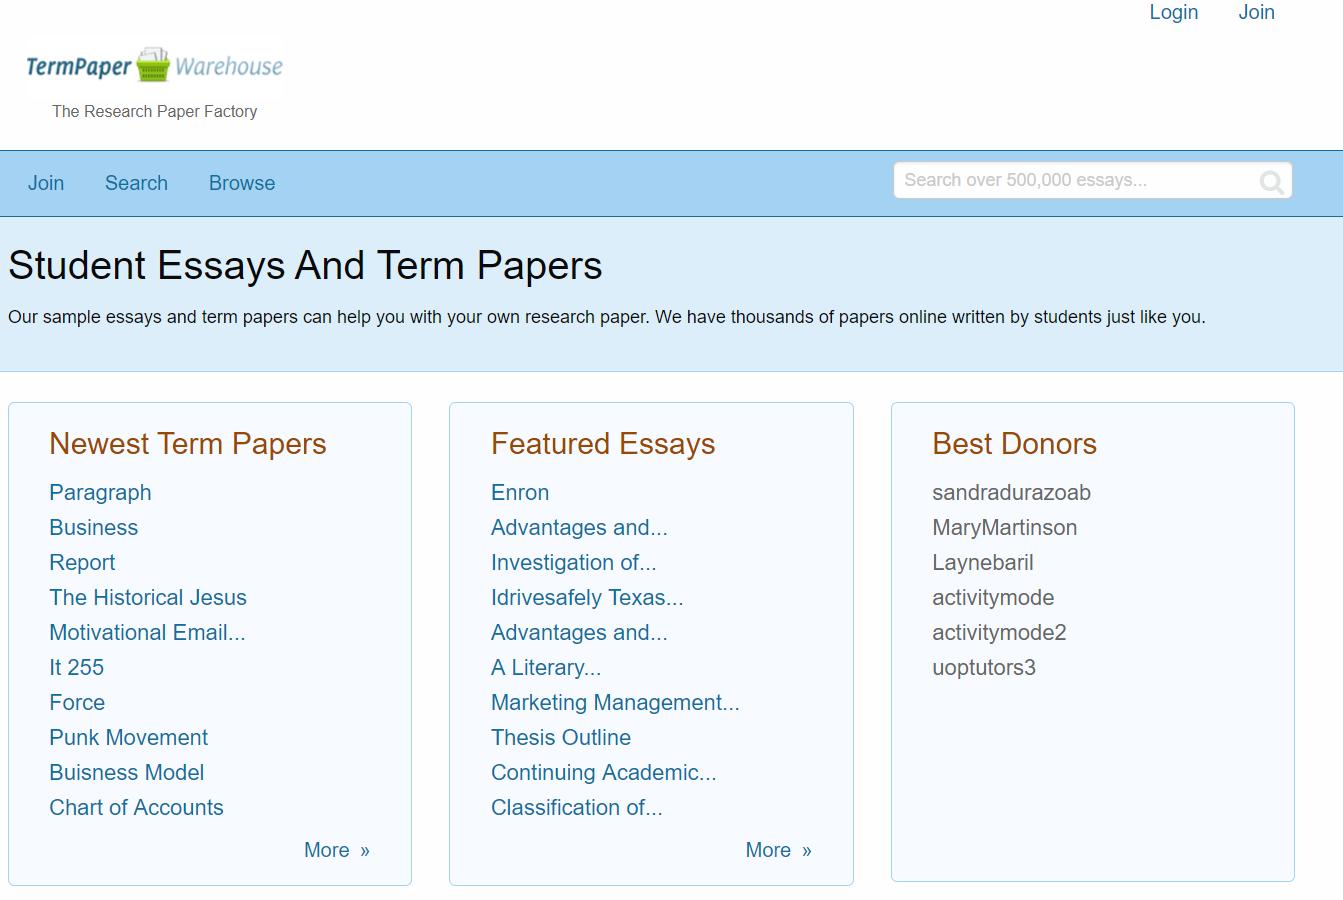 termpaperwarehouse.com-review